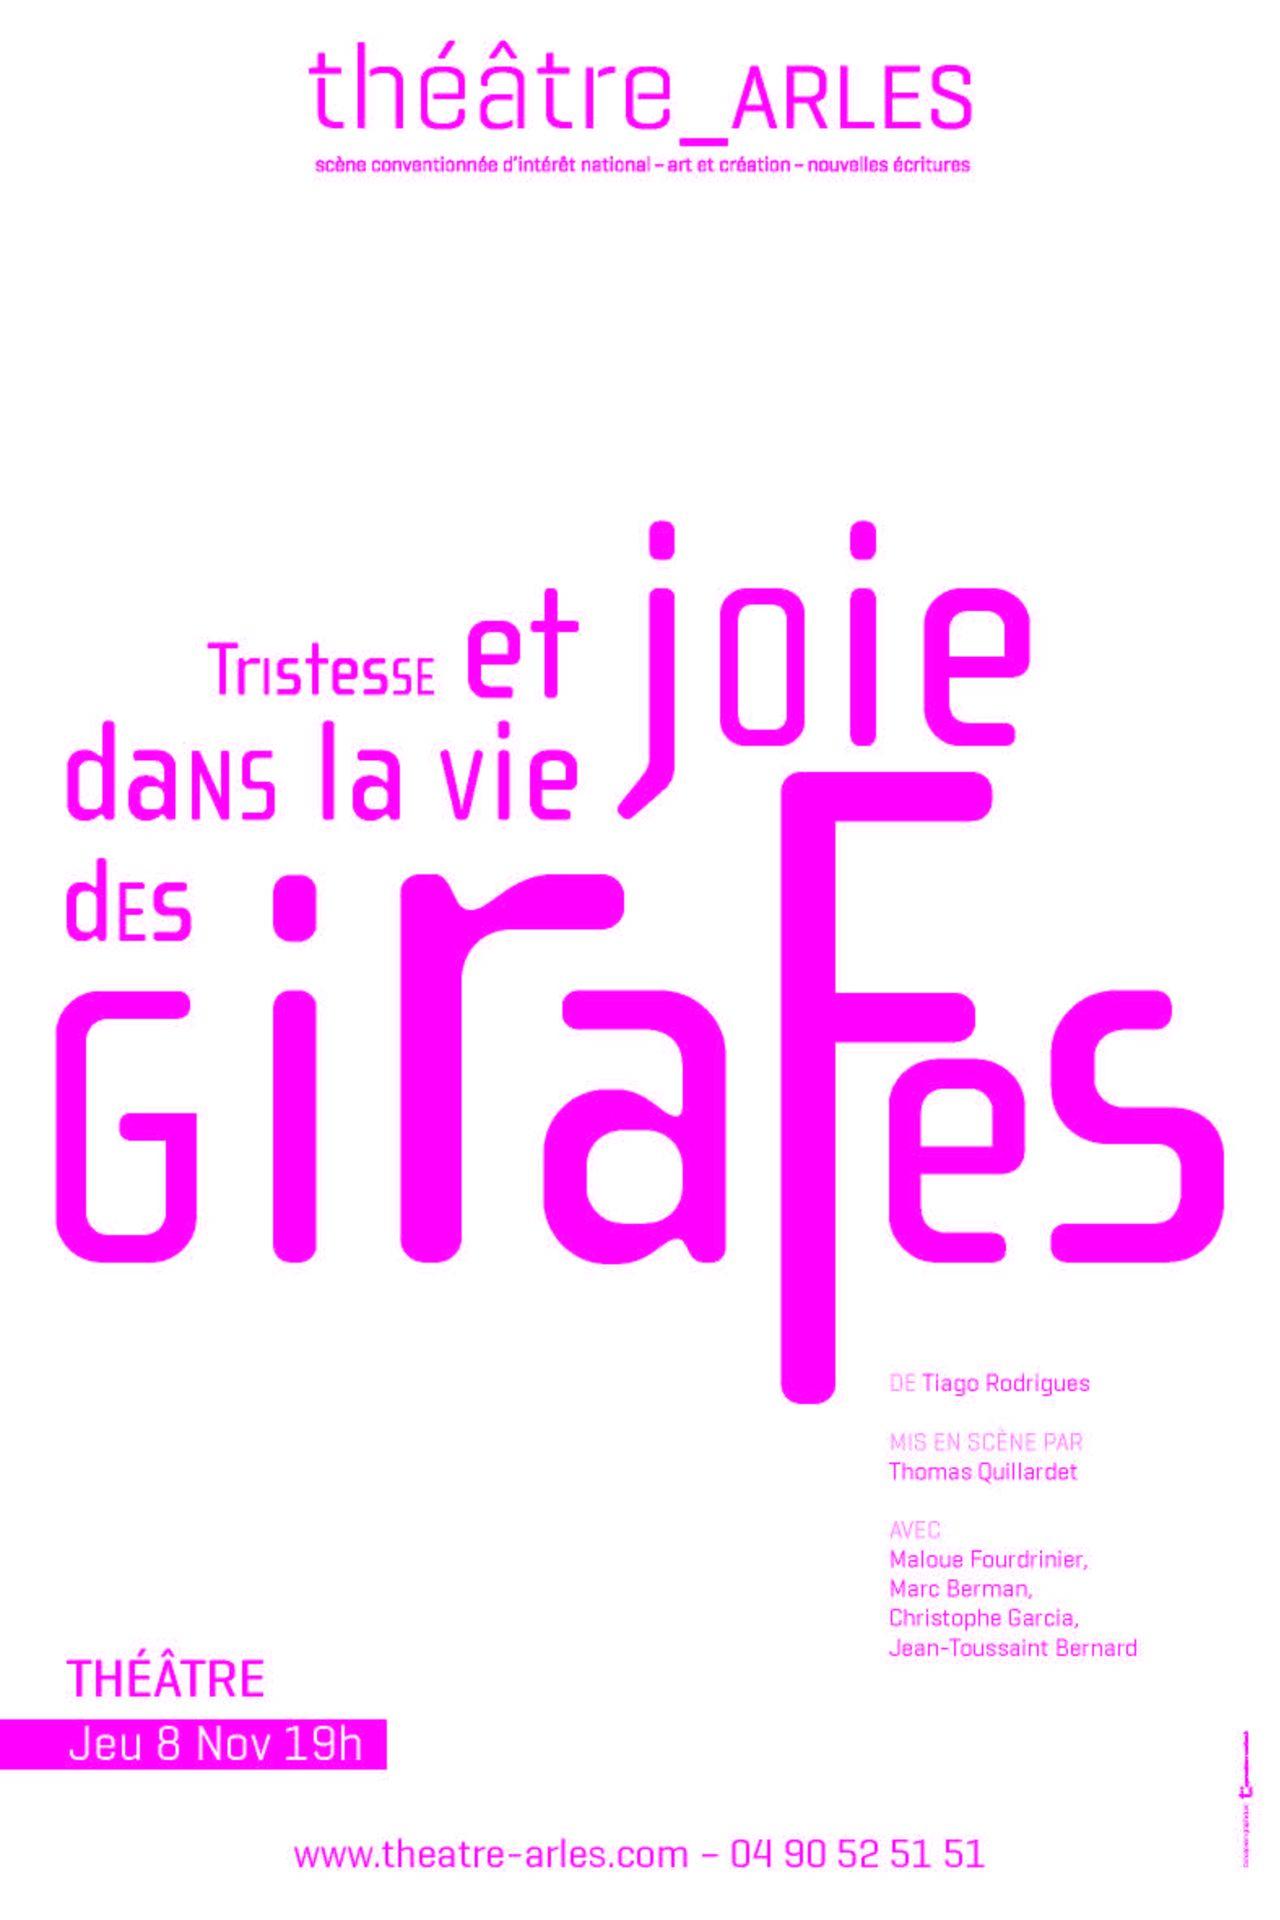 Affiche spectacle Théatre d'Arles, saison 2018-19